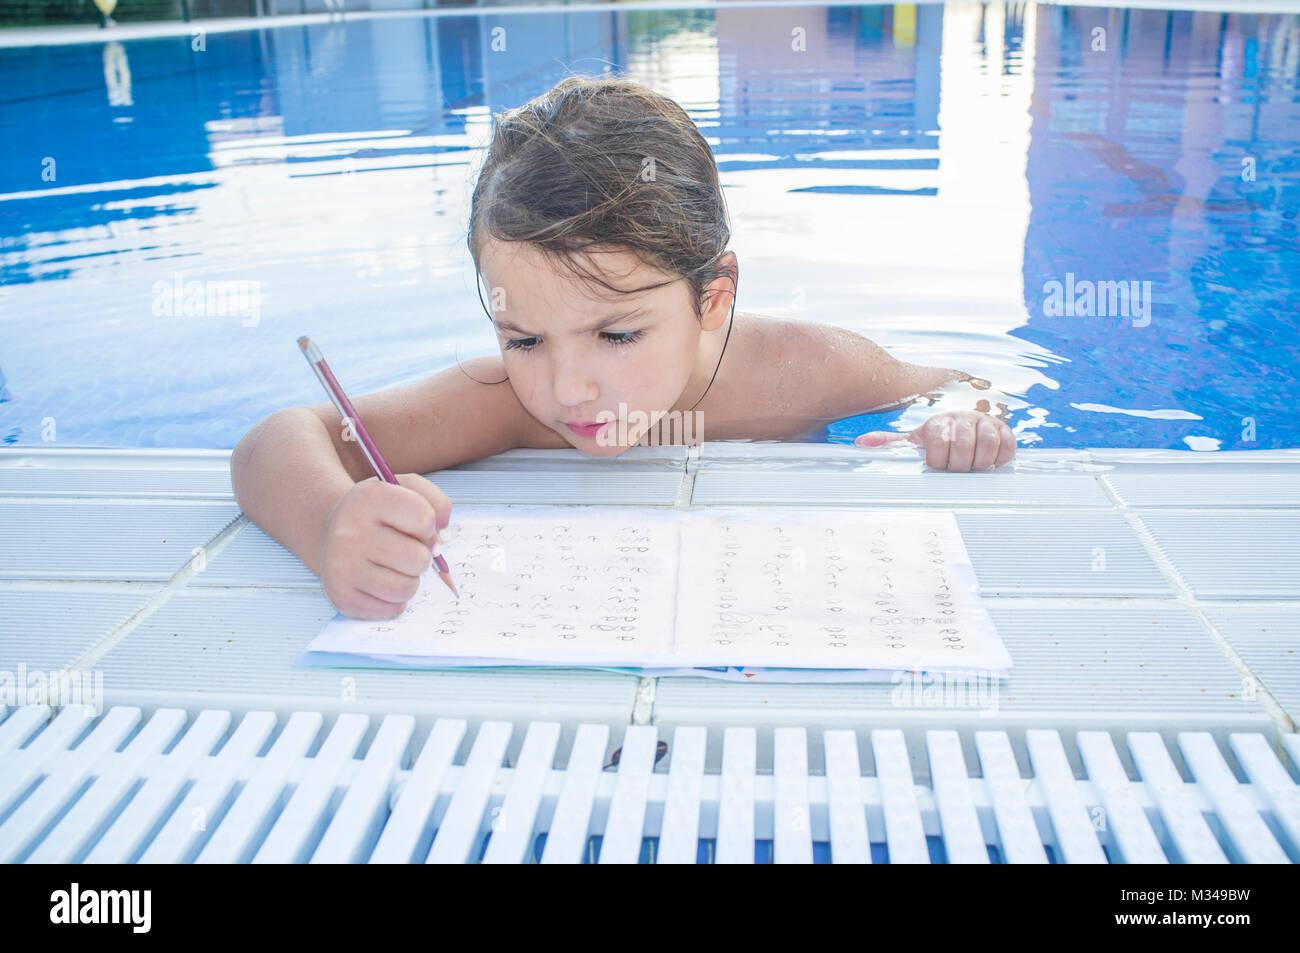 Child girl doing holidays homework over swimming poolside. Summer homework concept for children - Stock Image